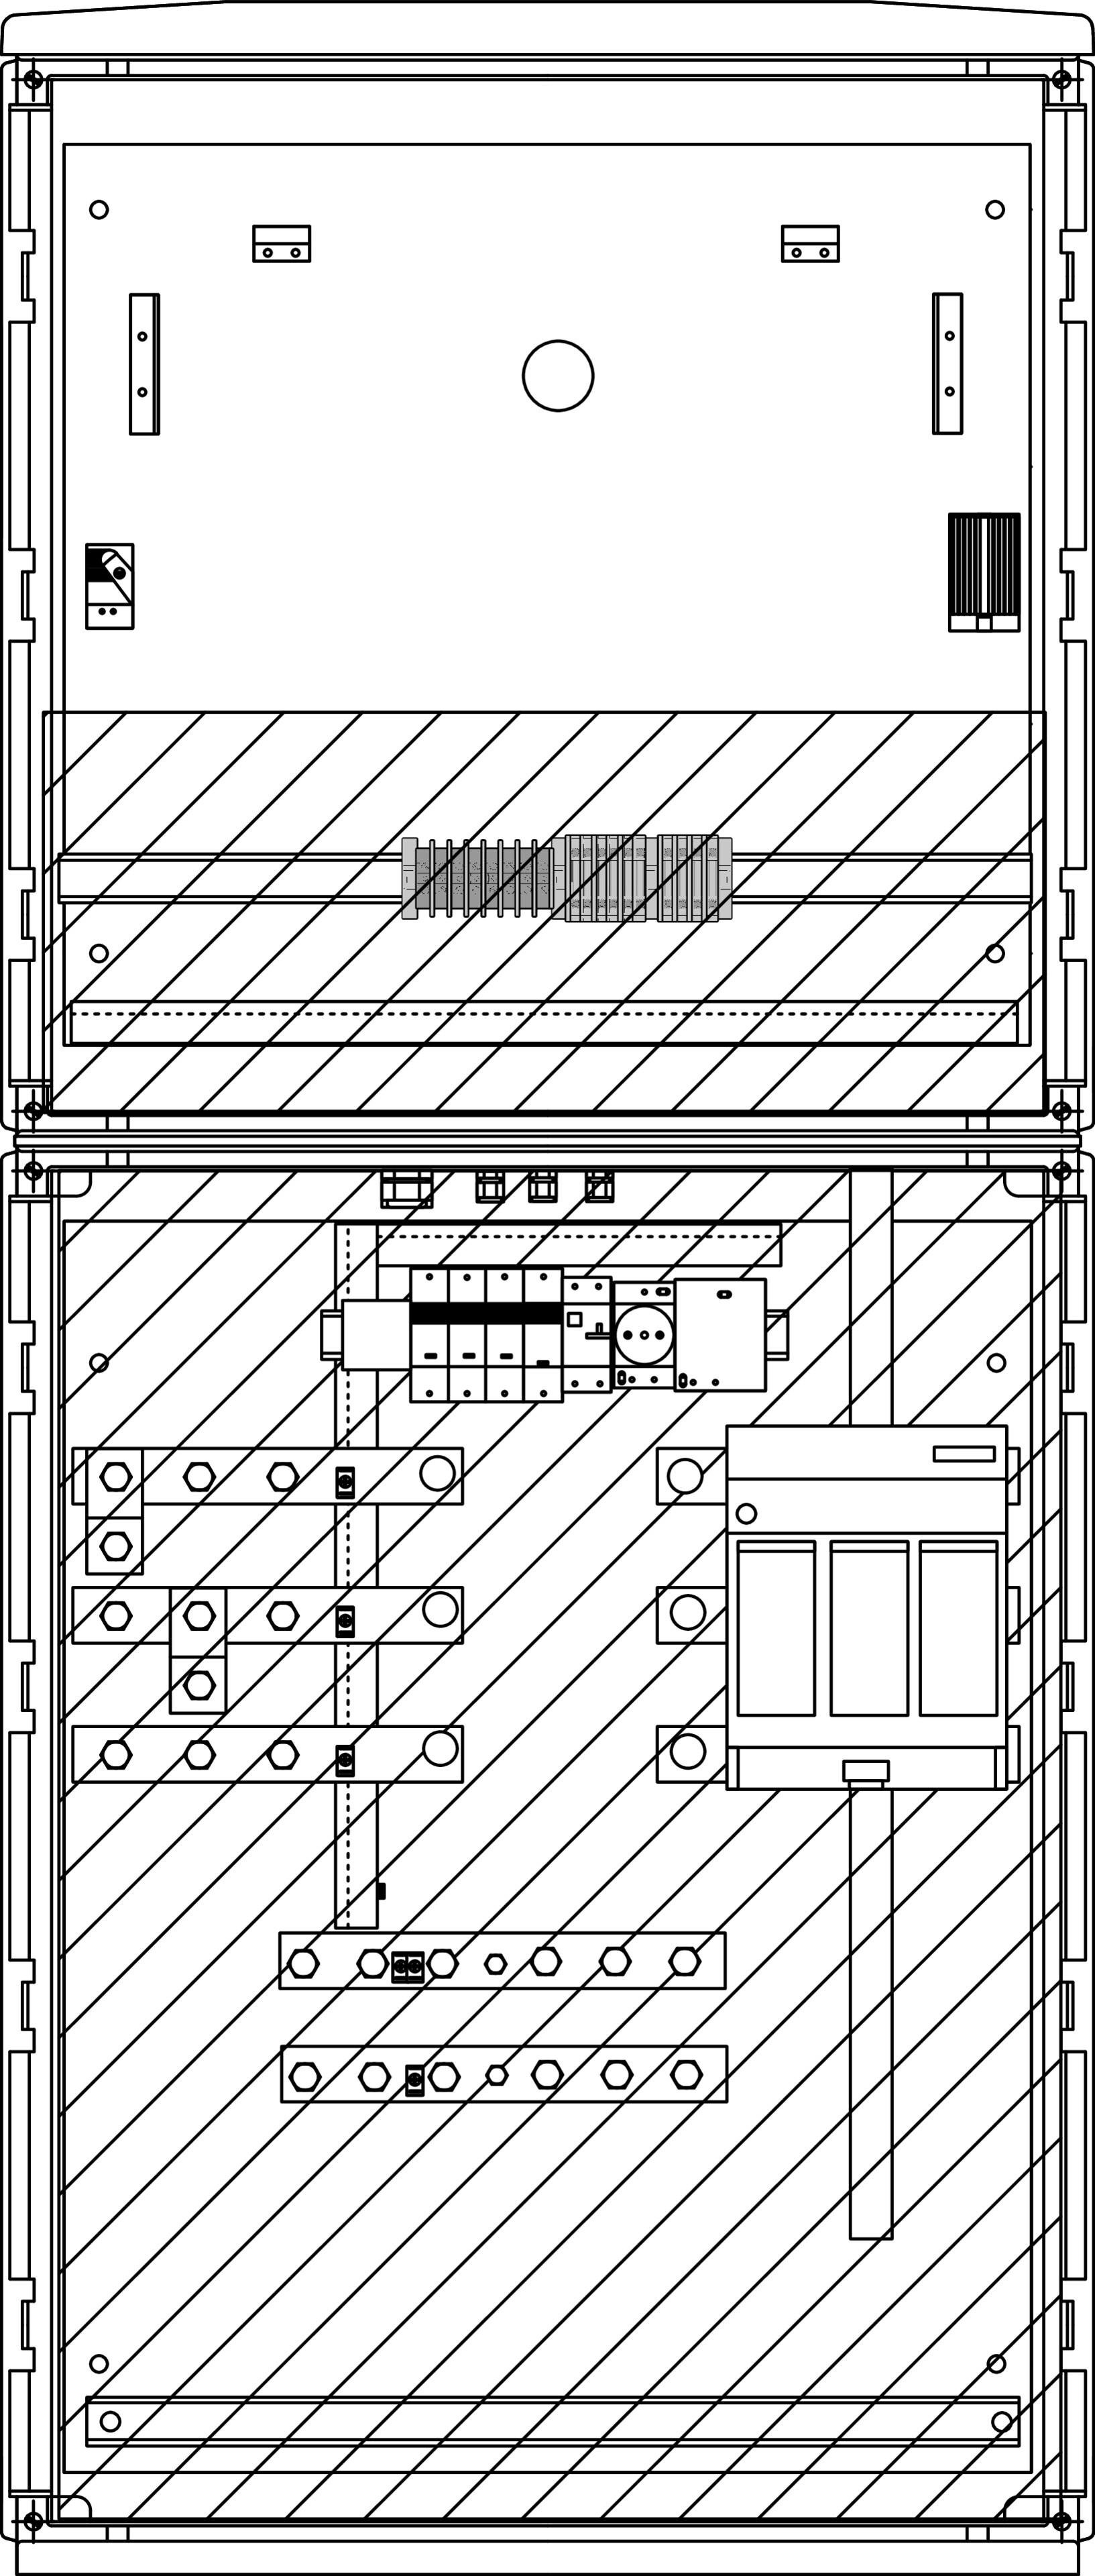 1 Stk Messwandler 400A Freiluft mit Heizung IL190241--